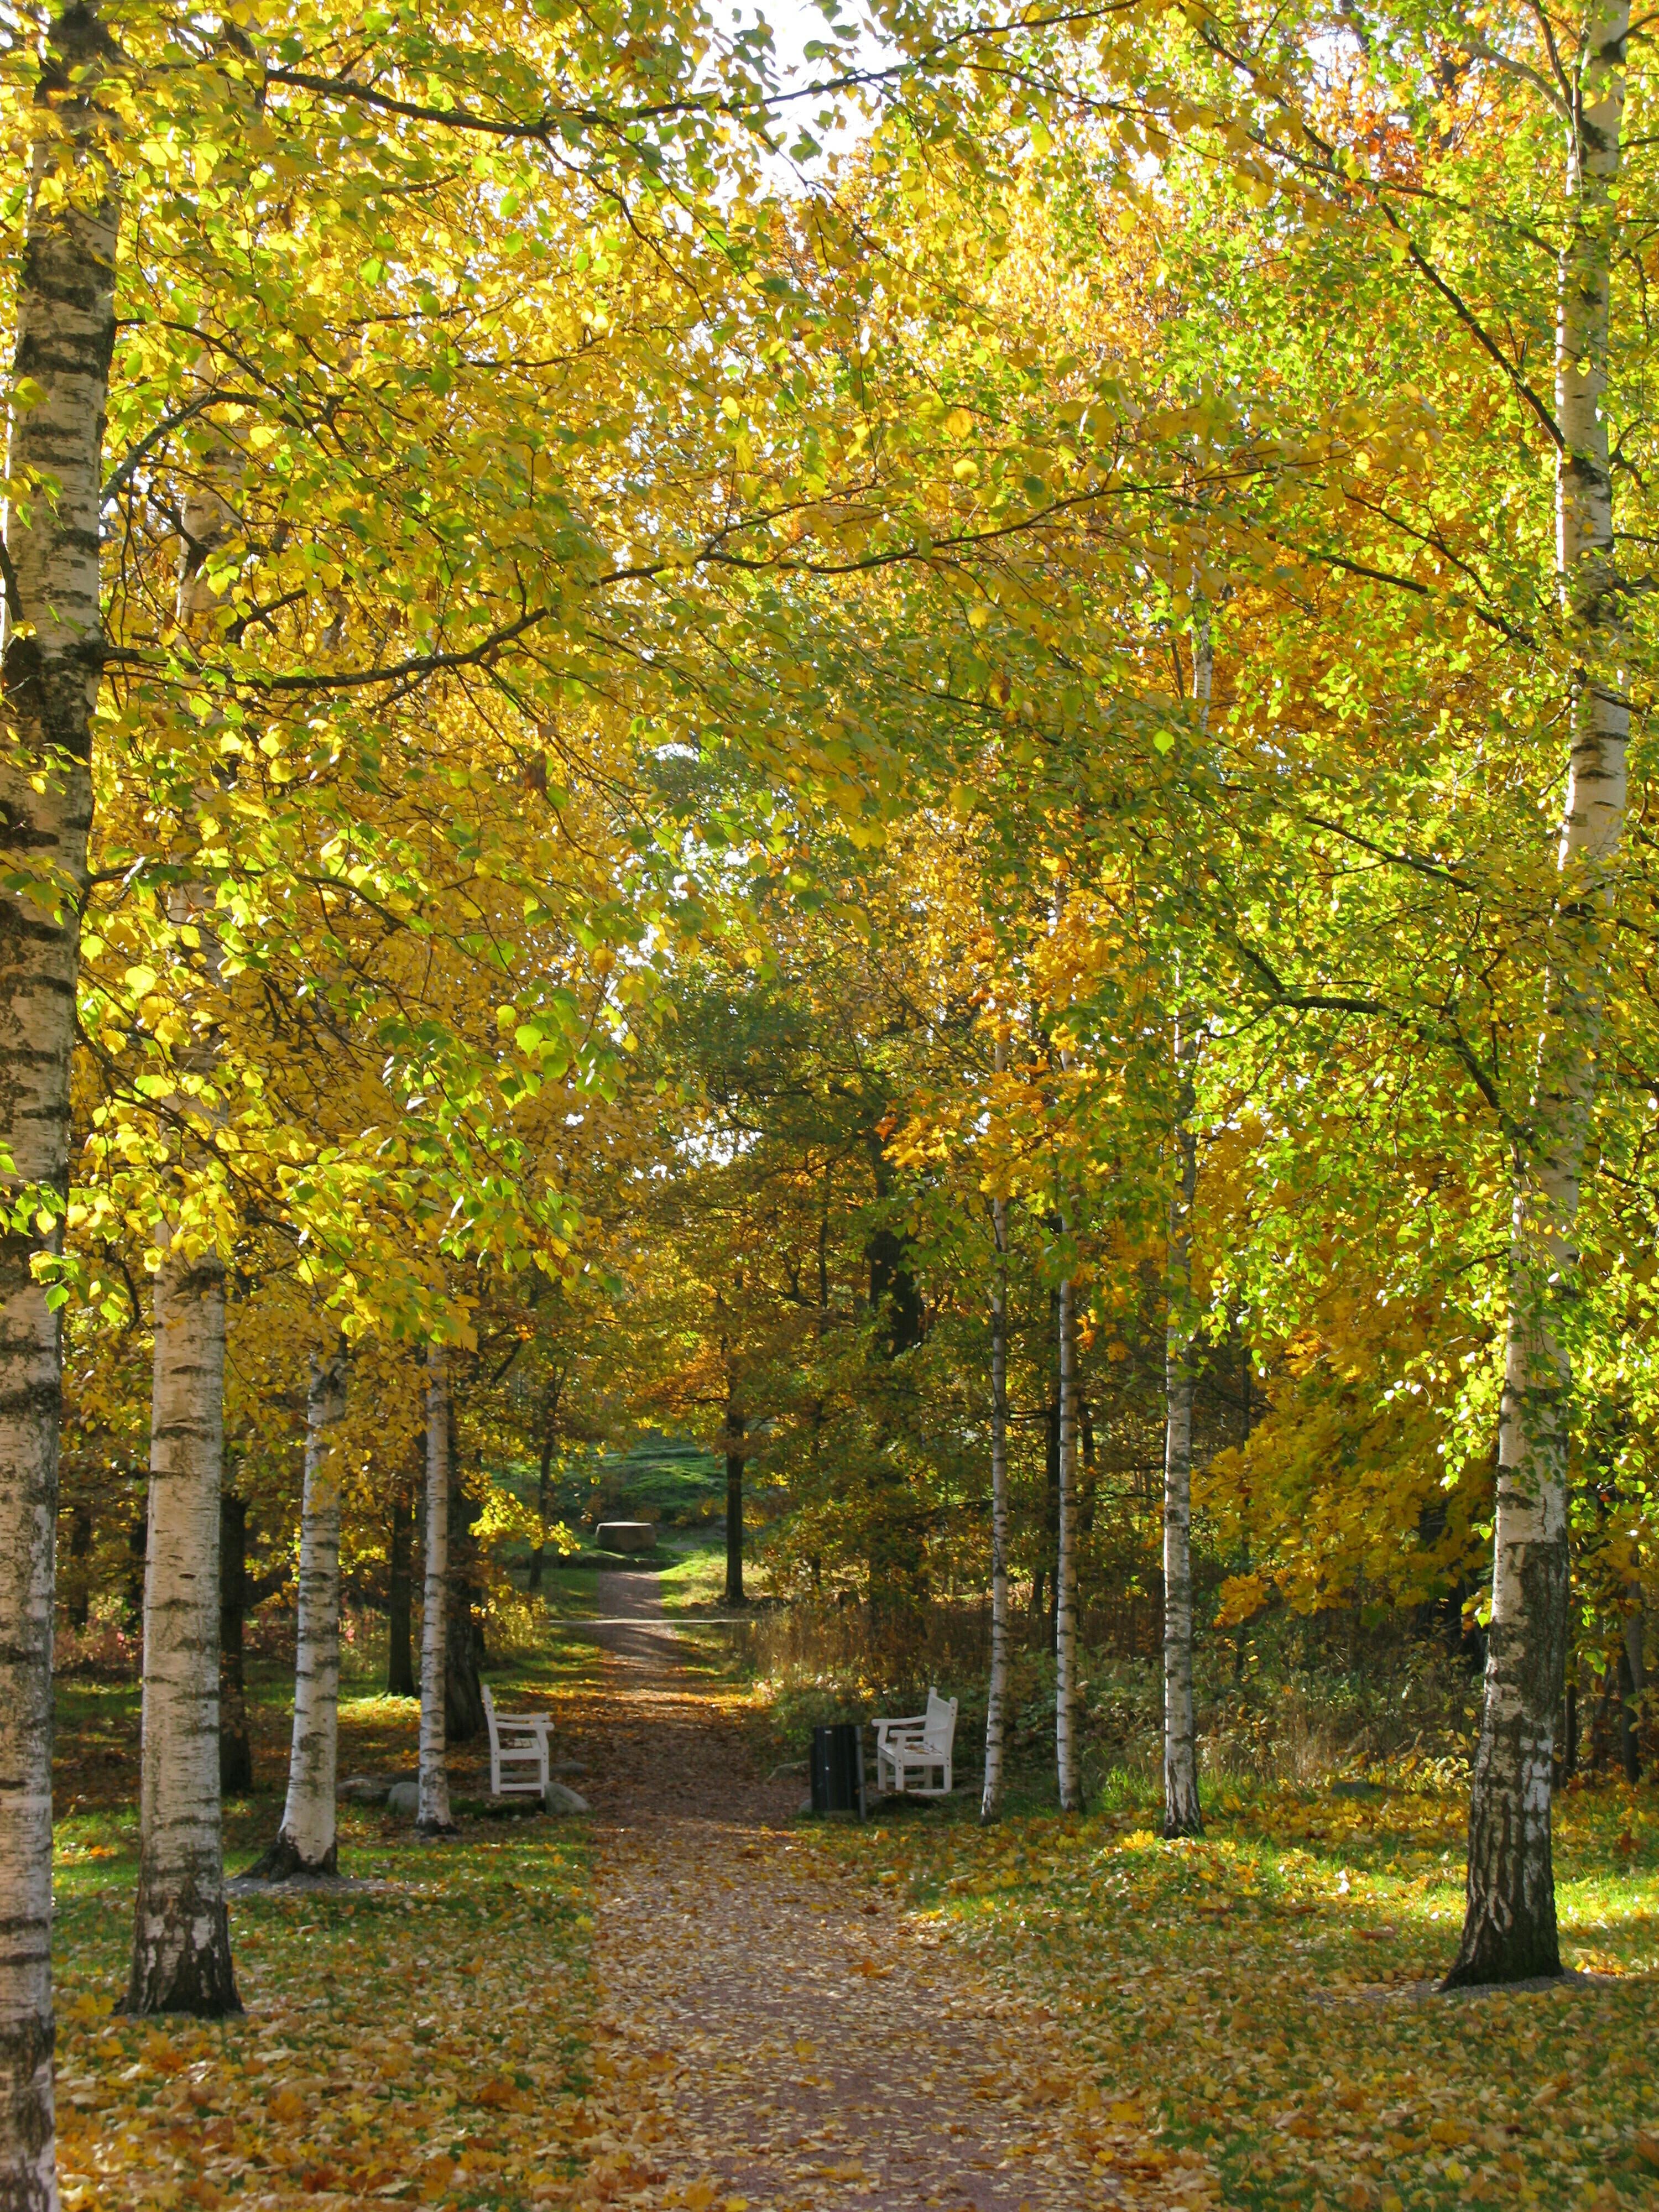 Luontoelämyspolku Annalan tammimetsään, jossa hyödynnetään hienovaraisesti olemassa olevia polkuja rakentamalla elämyspaikkoja kaikenikäisille.isille